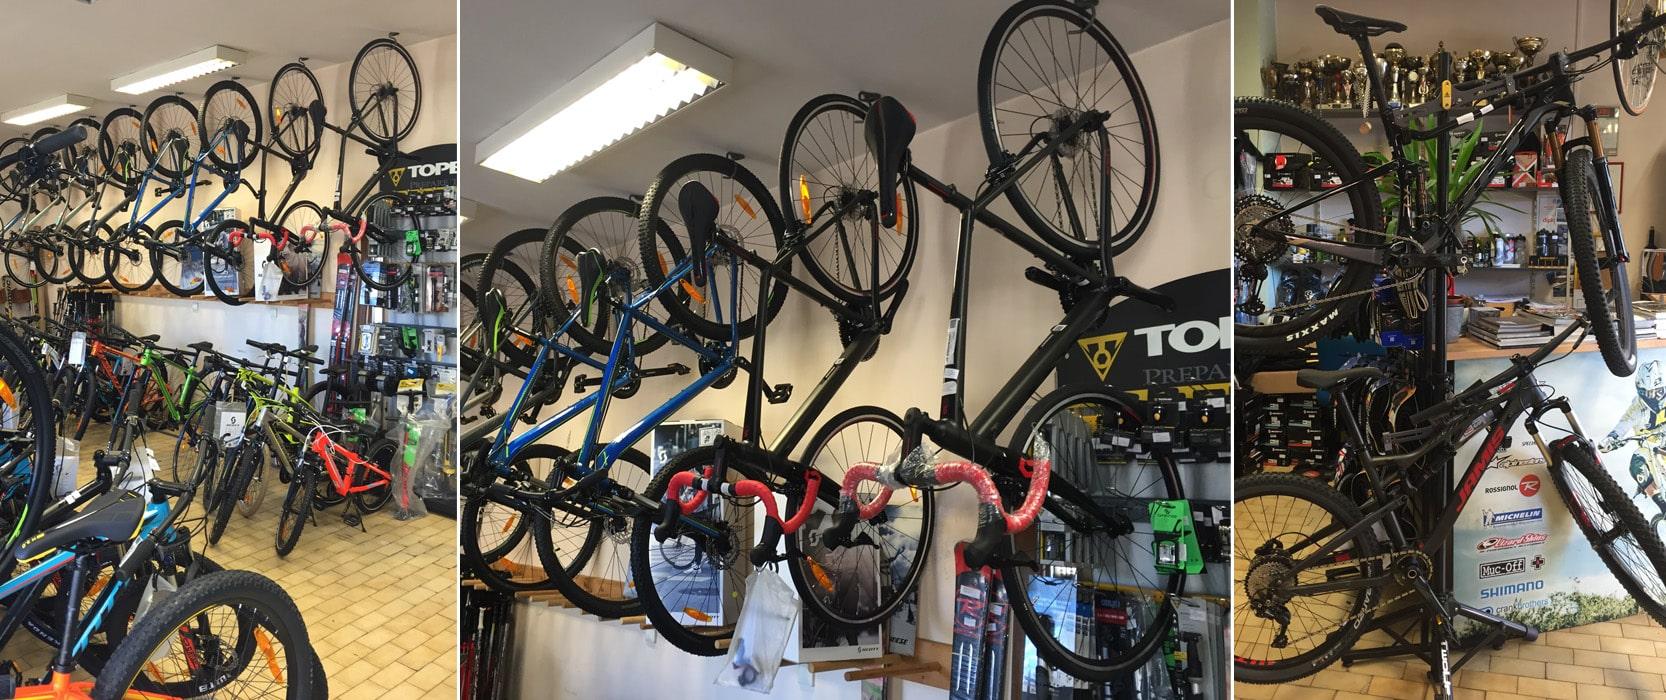 sezonski-popusti-bicikli-1666-700